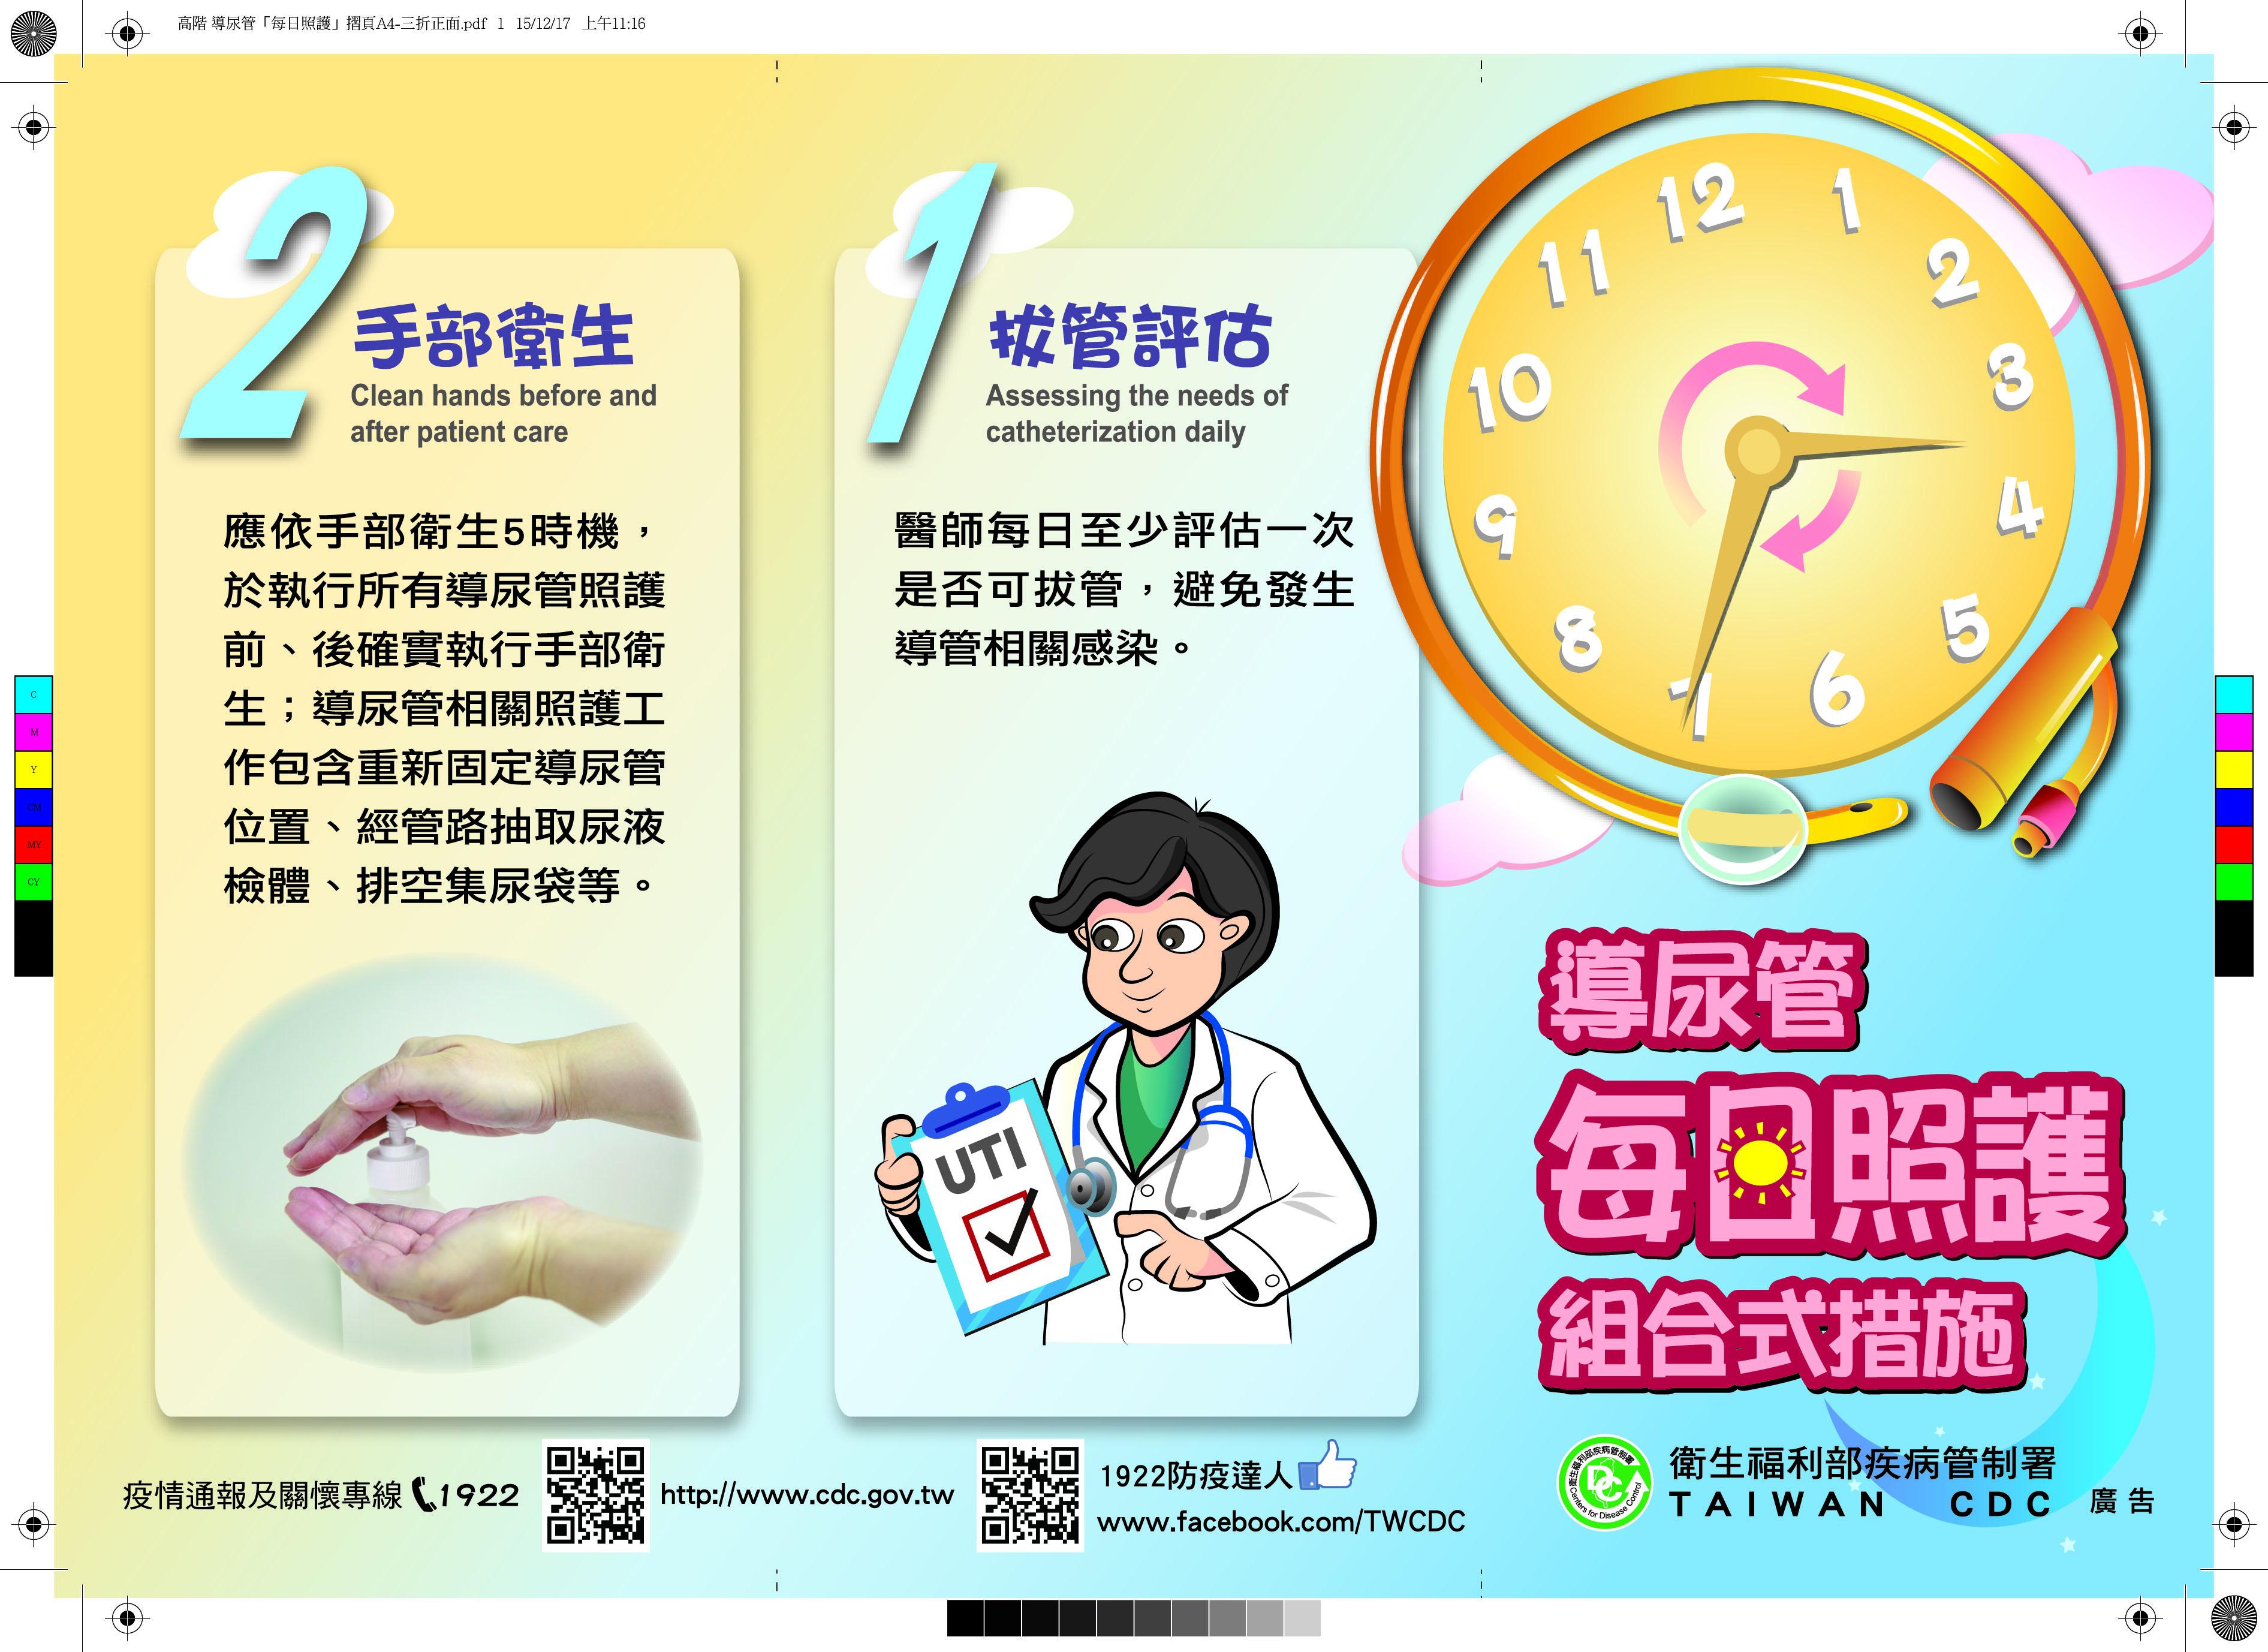 「導尿管每日照護組合視措施」衛教單張-(2015年製)